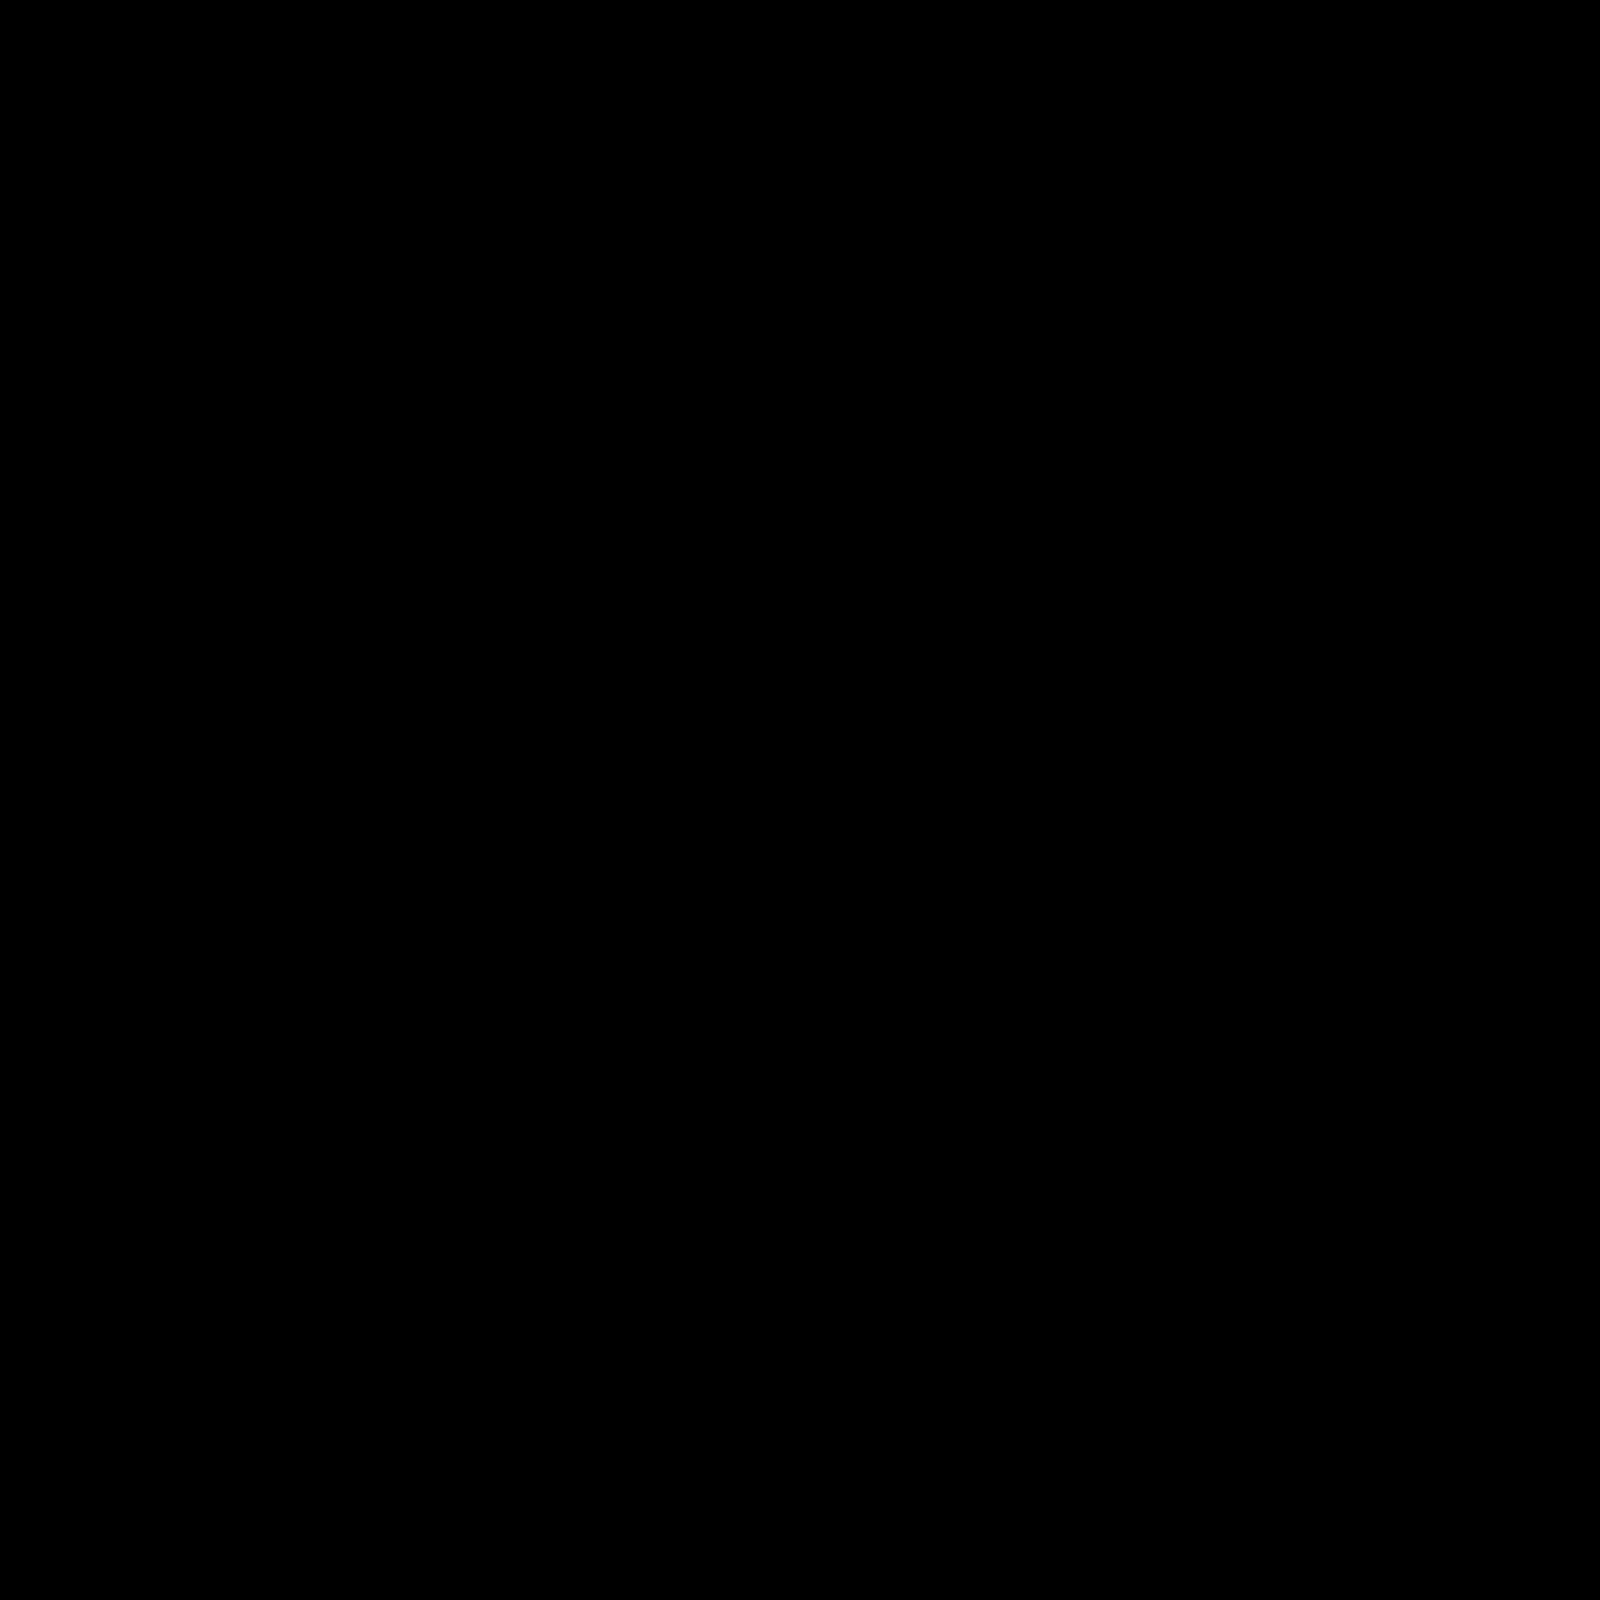 回転 icon